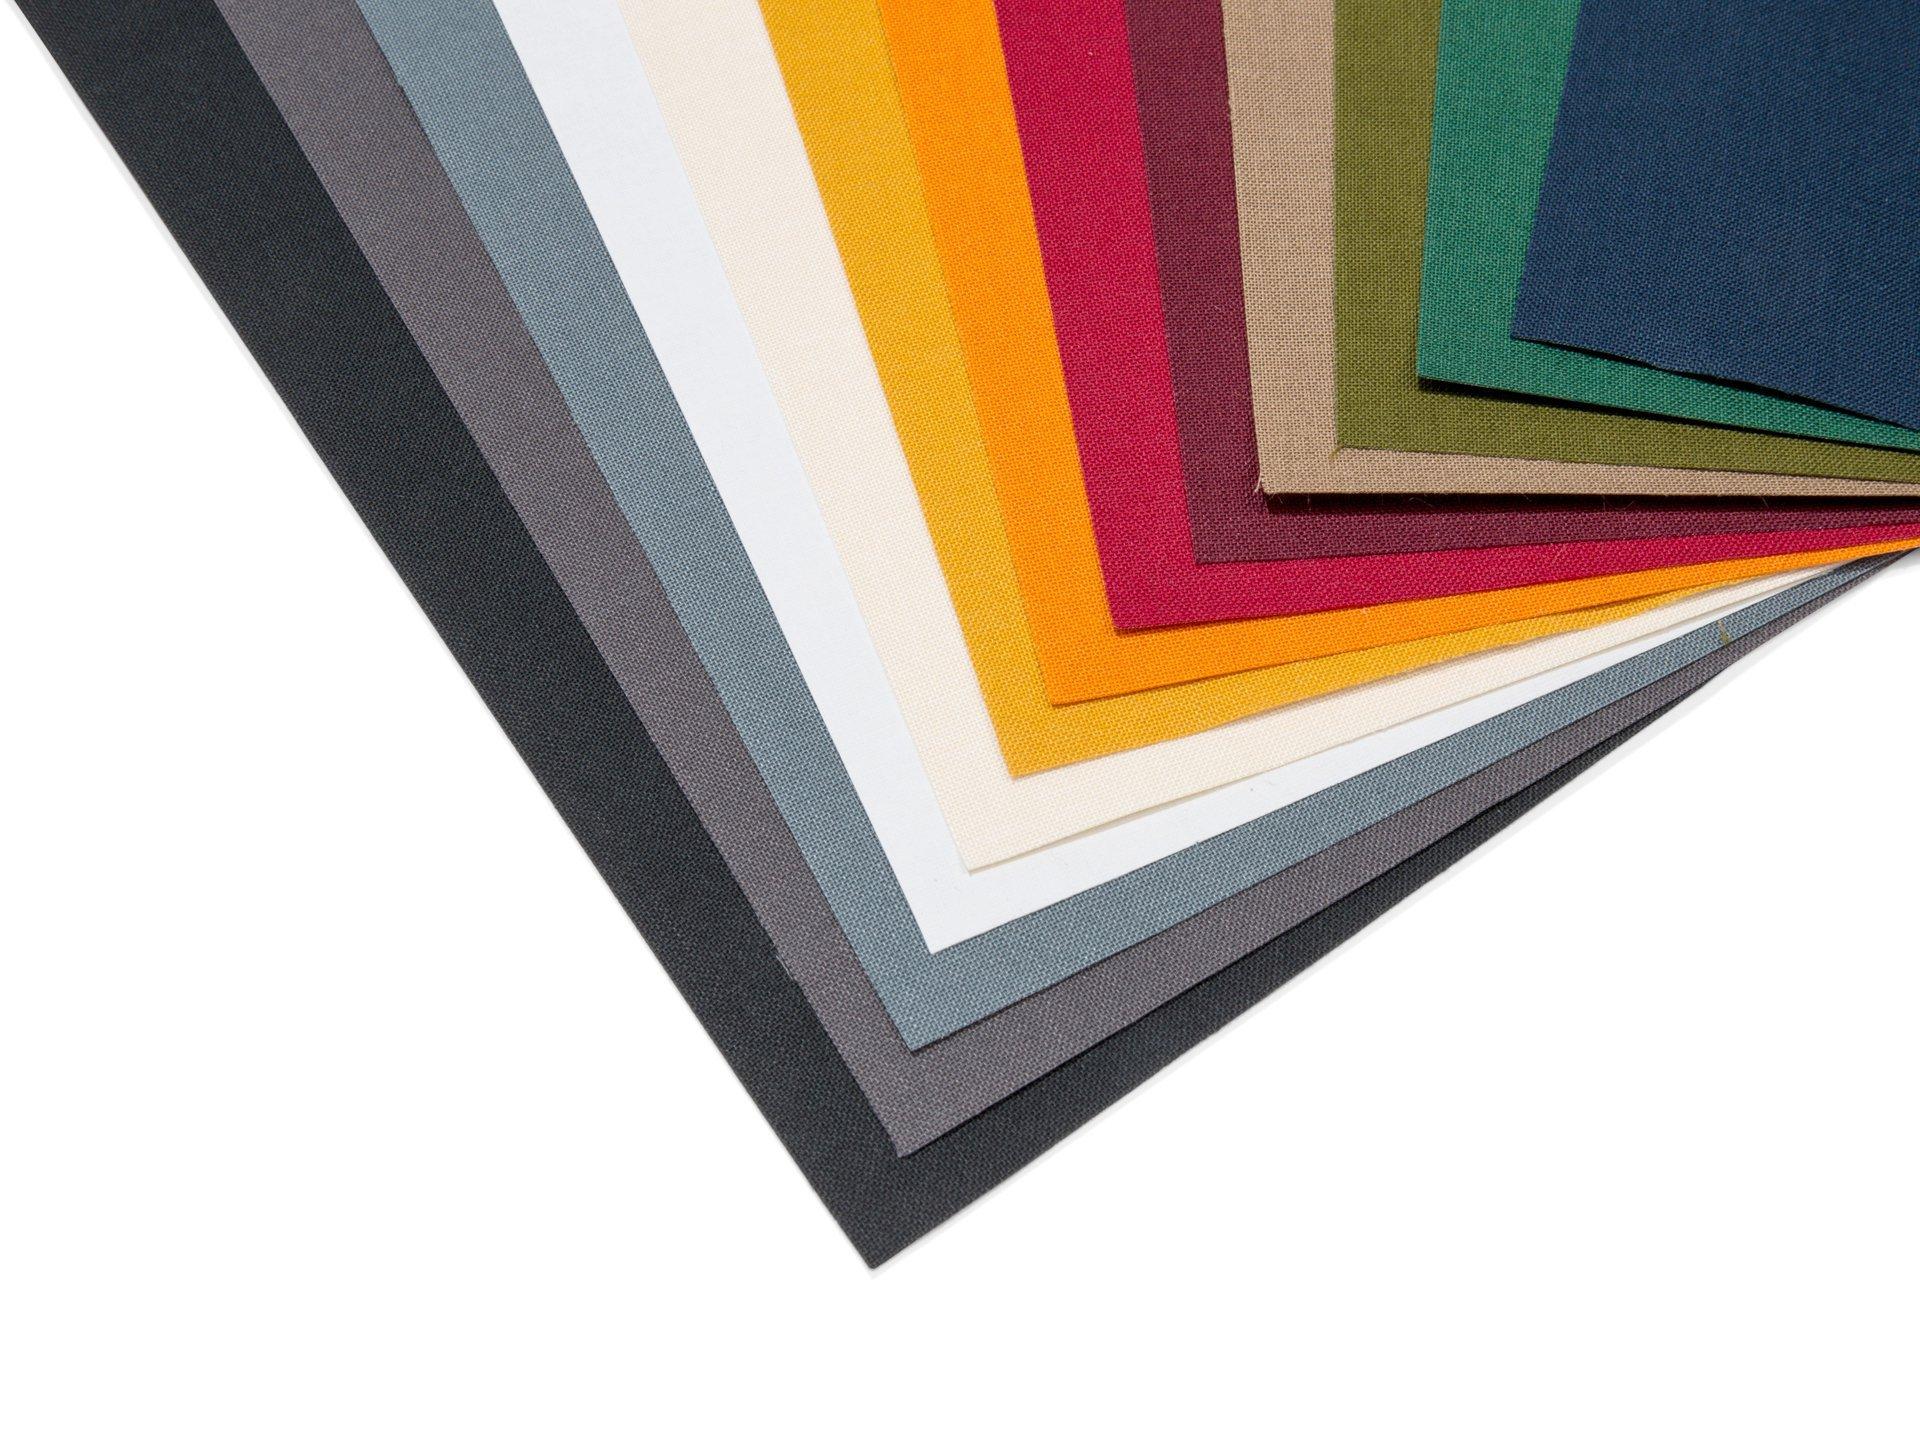 buchleinen brillianta farbig online kaufen modulor. Black Bedroom Furniture Sets. Home Design Ideas